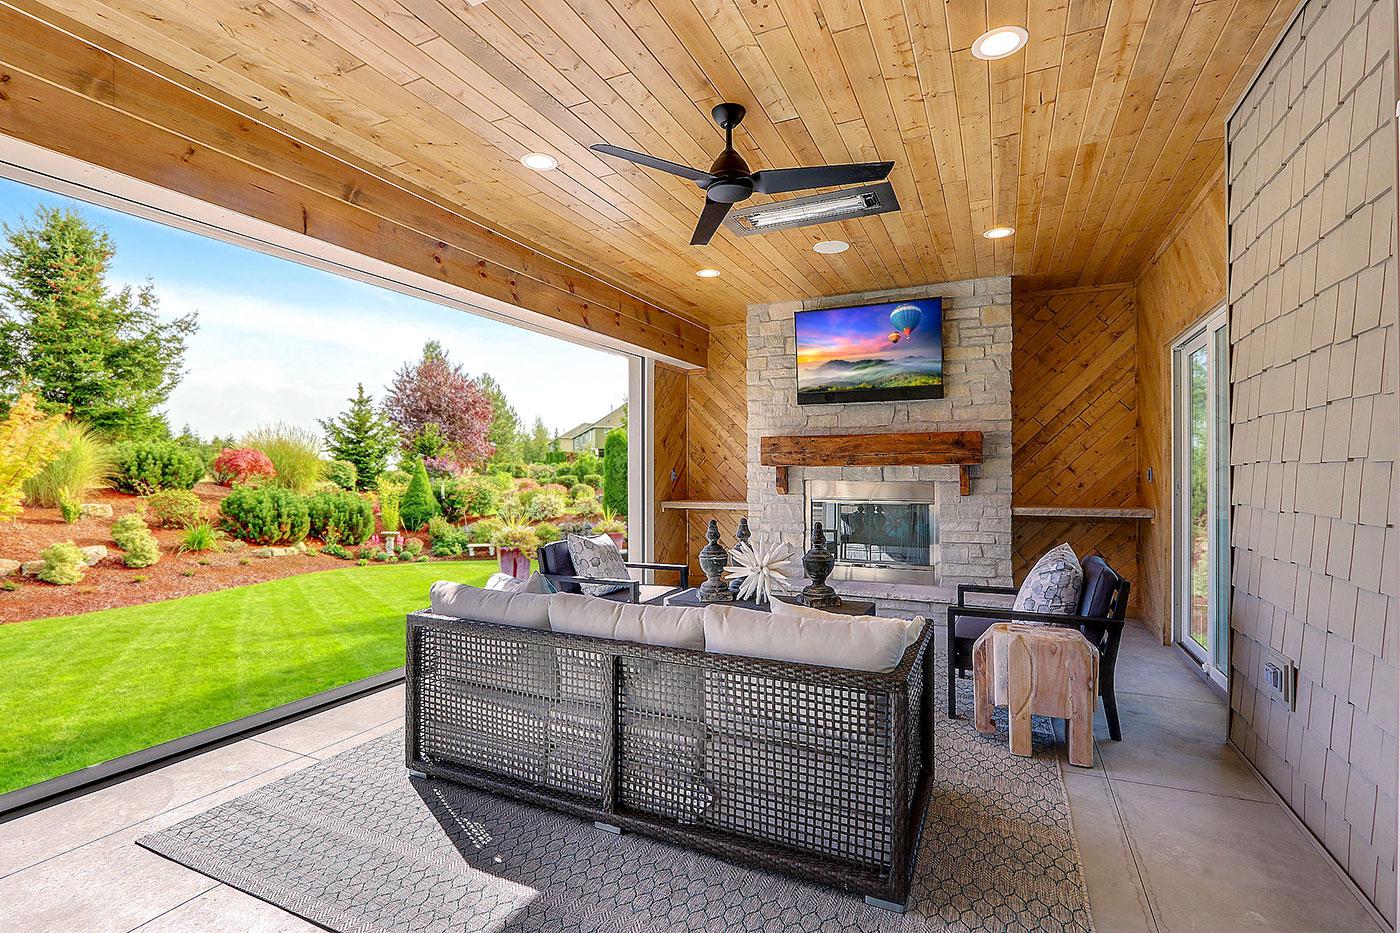 Home AV systems enhance outdoor living